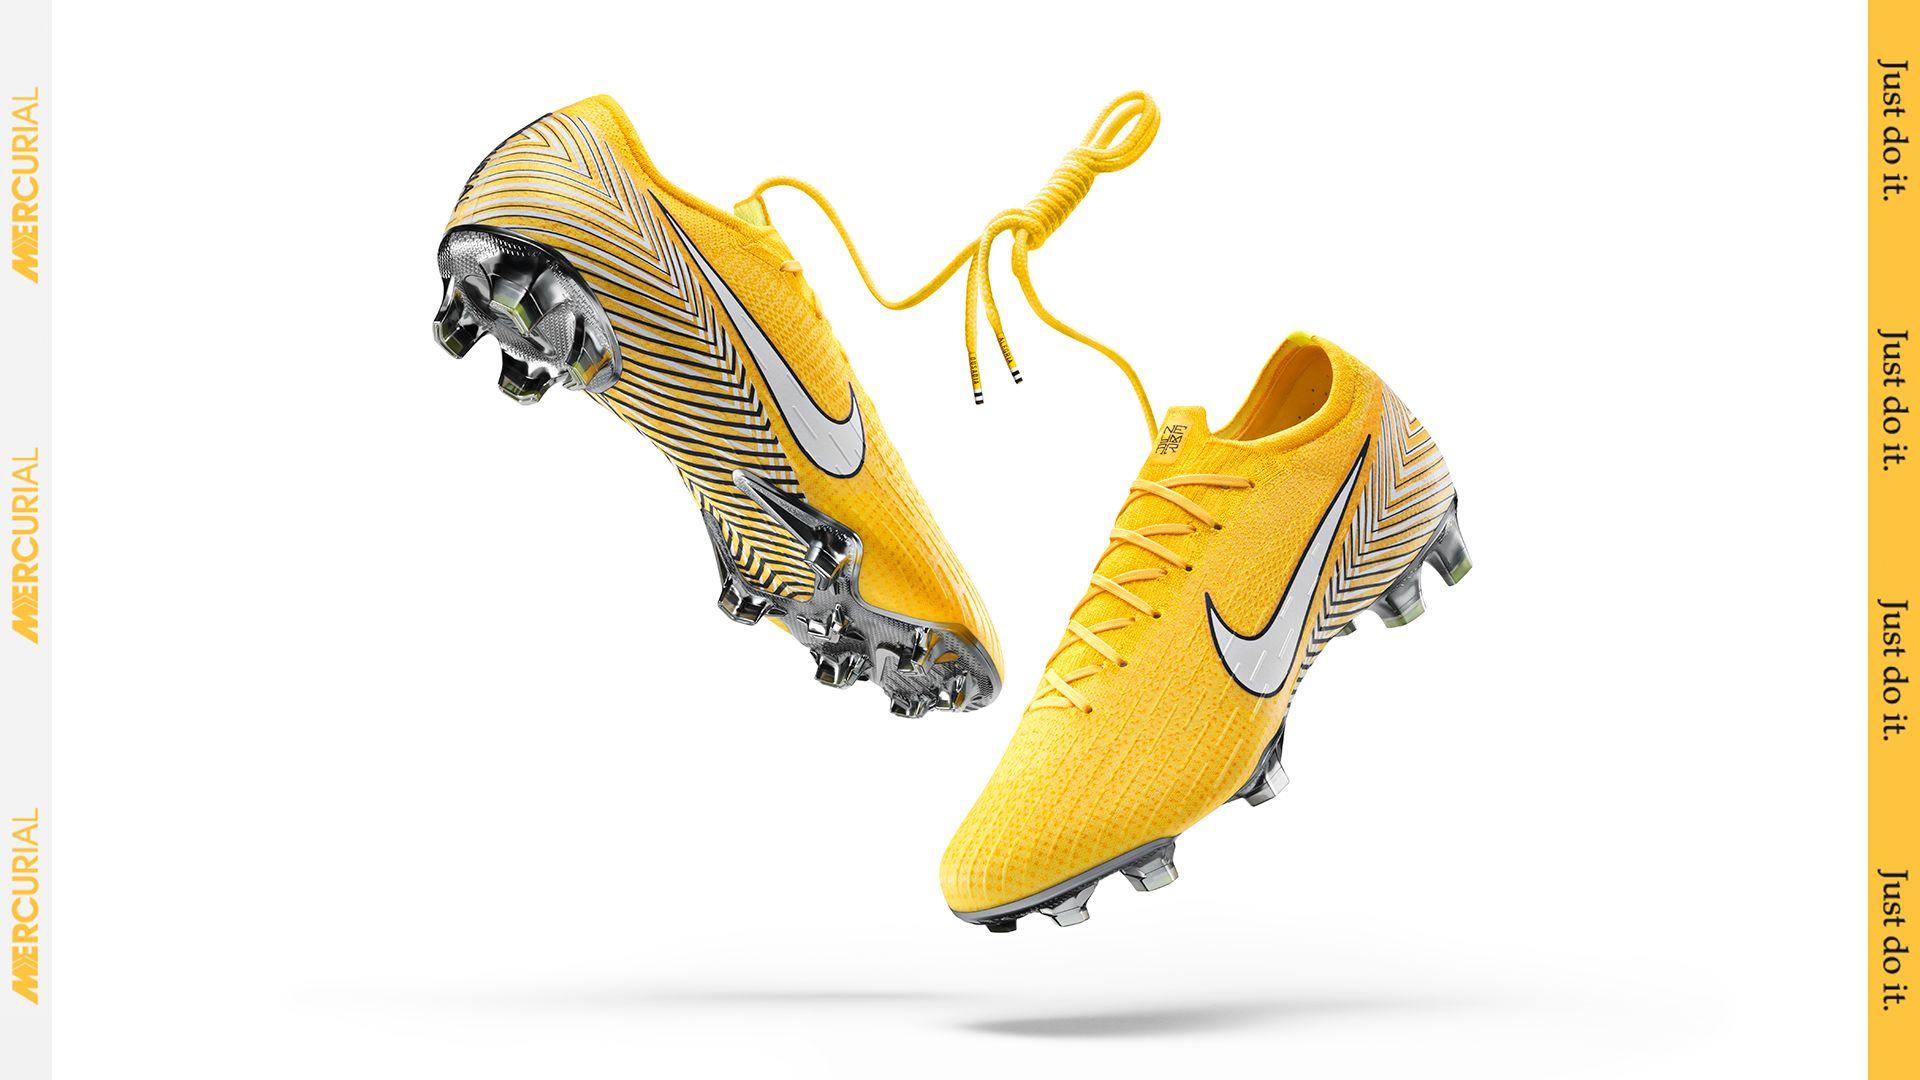 e7e02d92ed37 Neymar Jr. Meu Jogo Mercurial Vapor 360. Nike.com